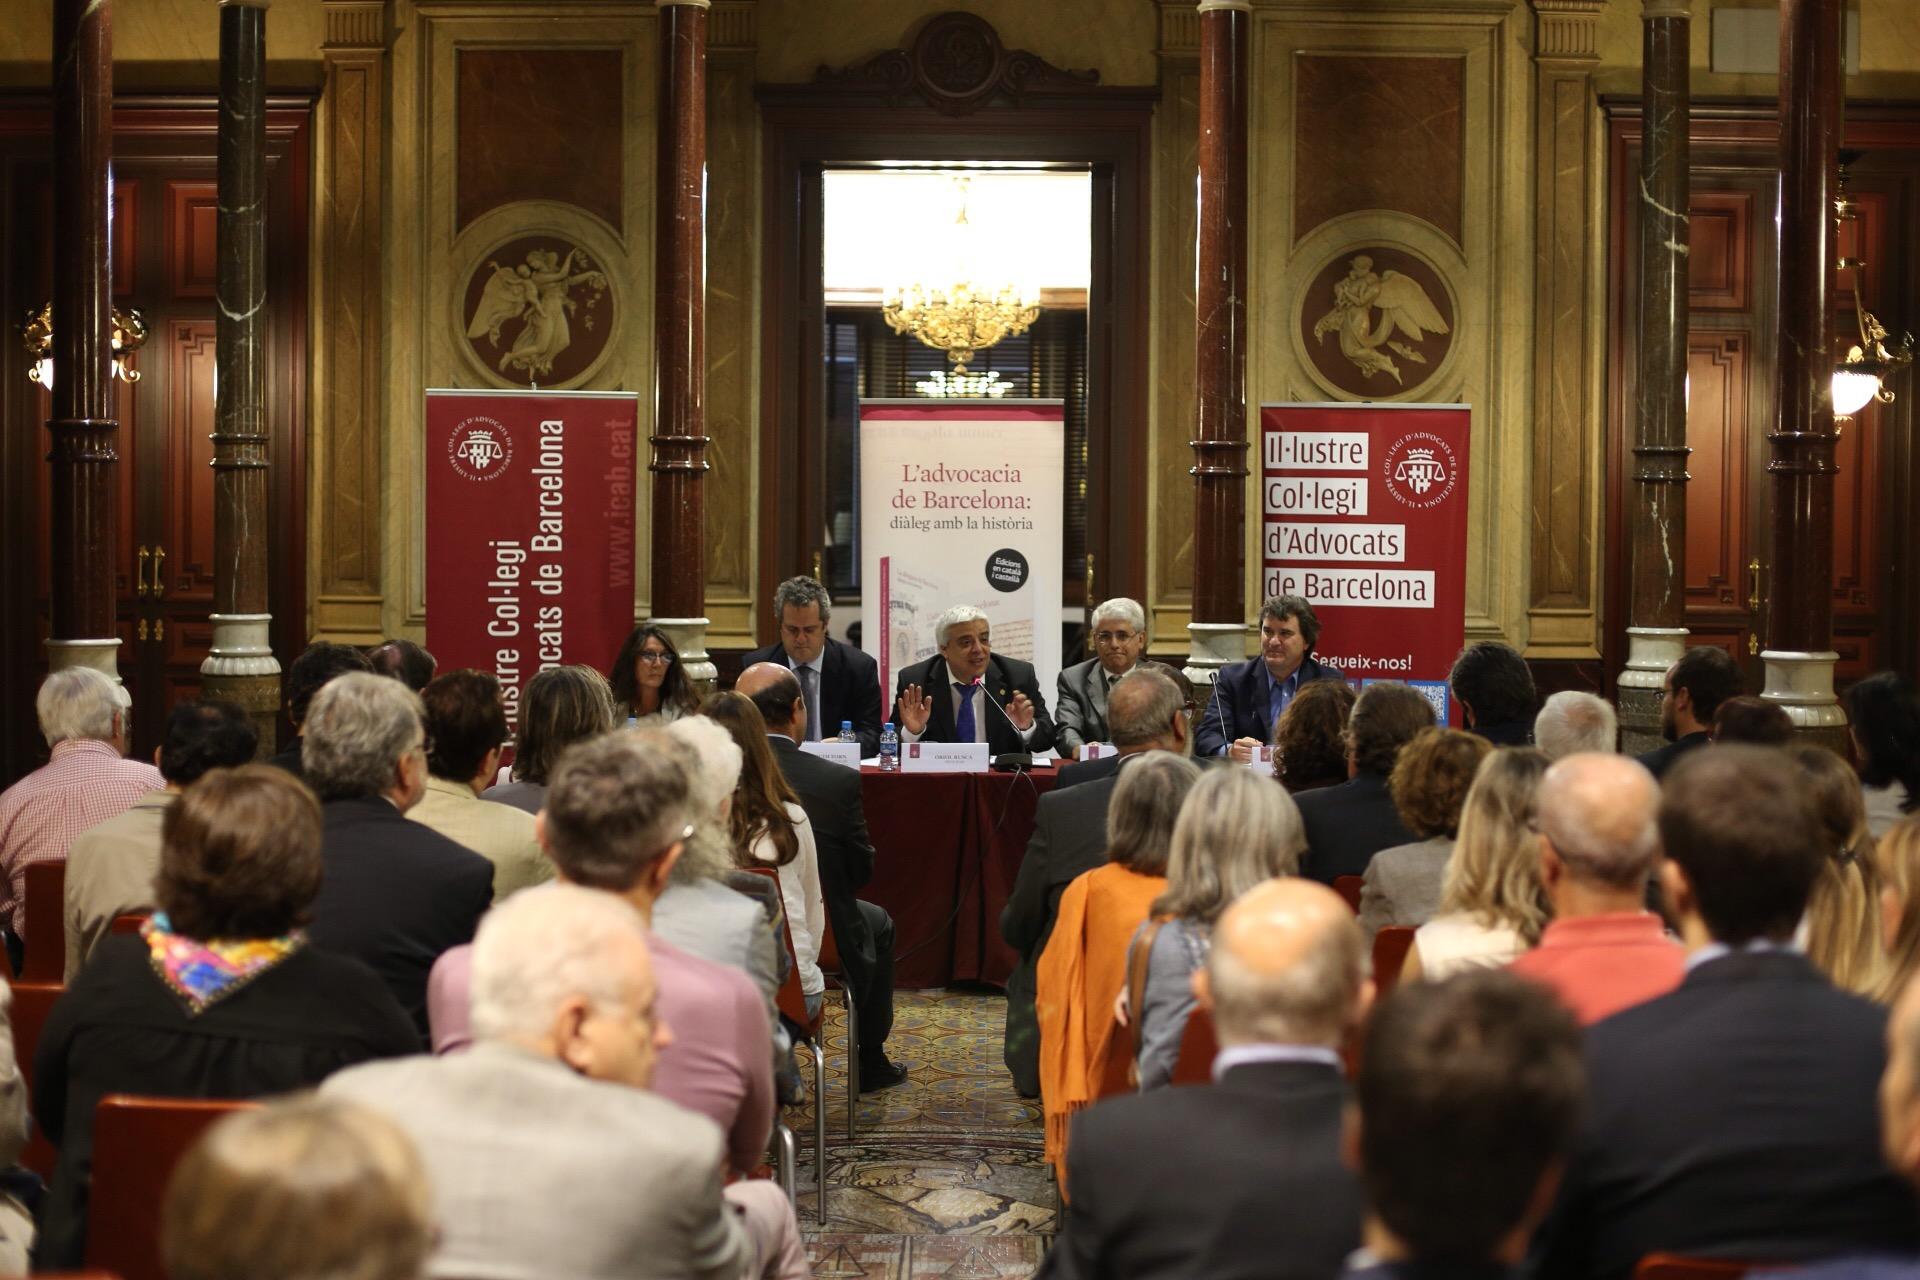 El colegio de abogados de barcelona presenta la obra la - Colegio notarios de barcelona ...